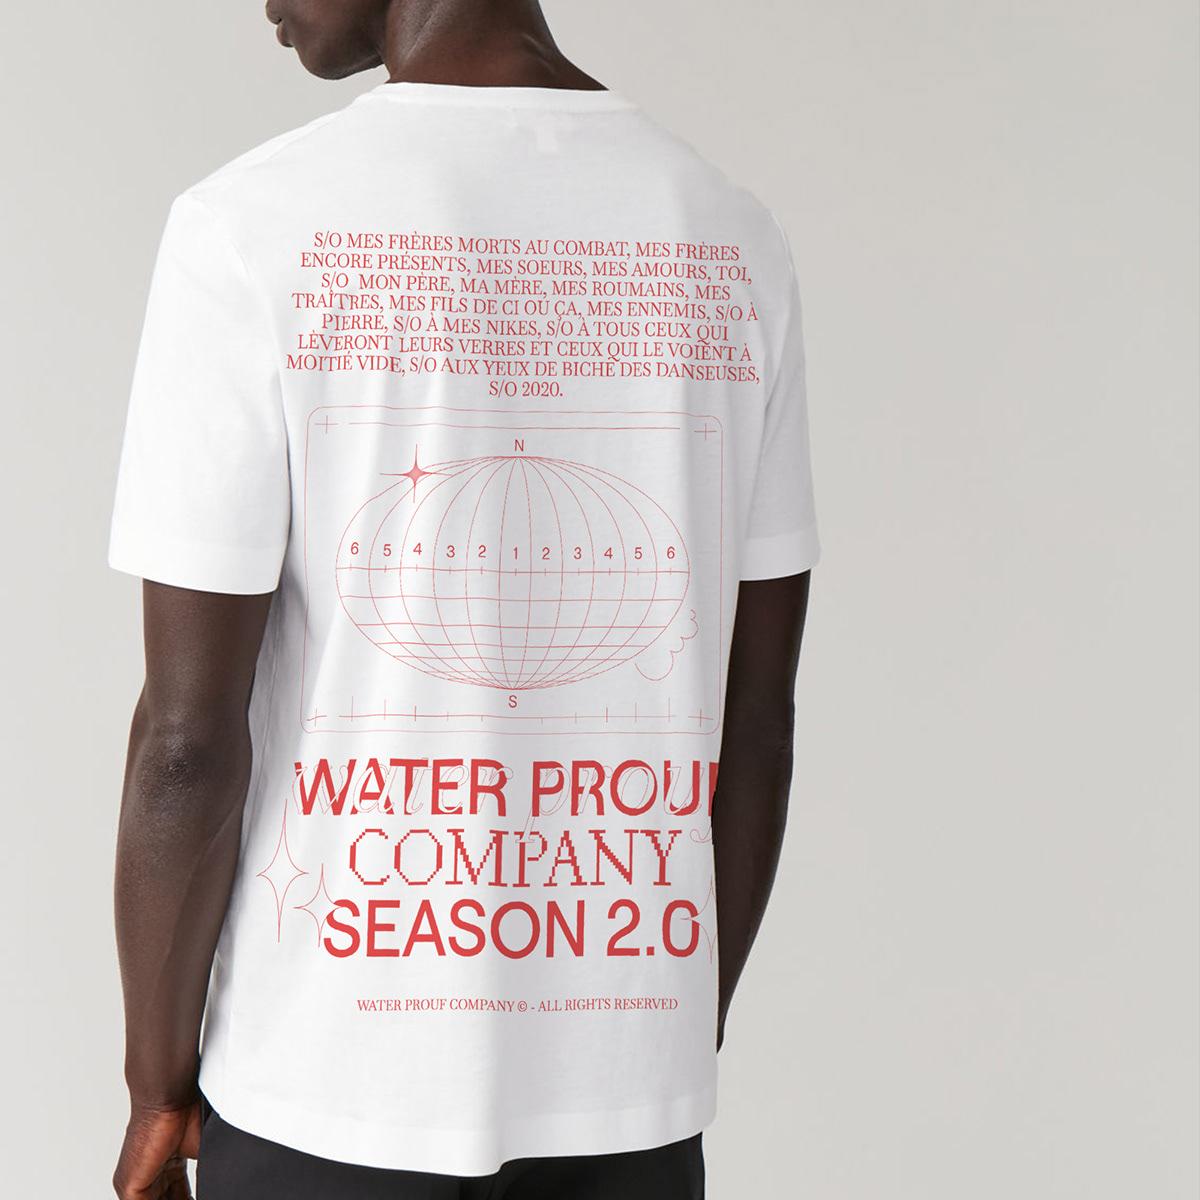 Image may contain: active shirt, shirt and sleeve